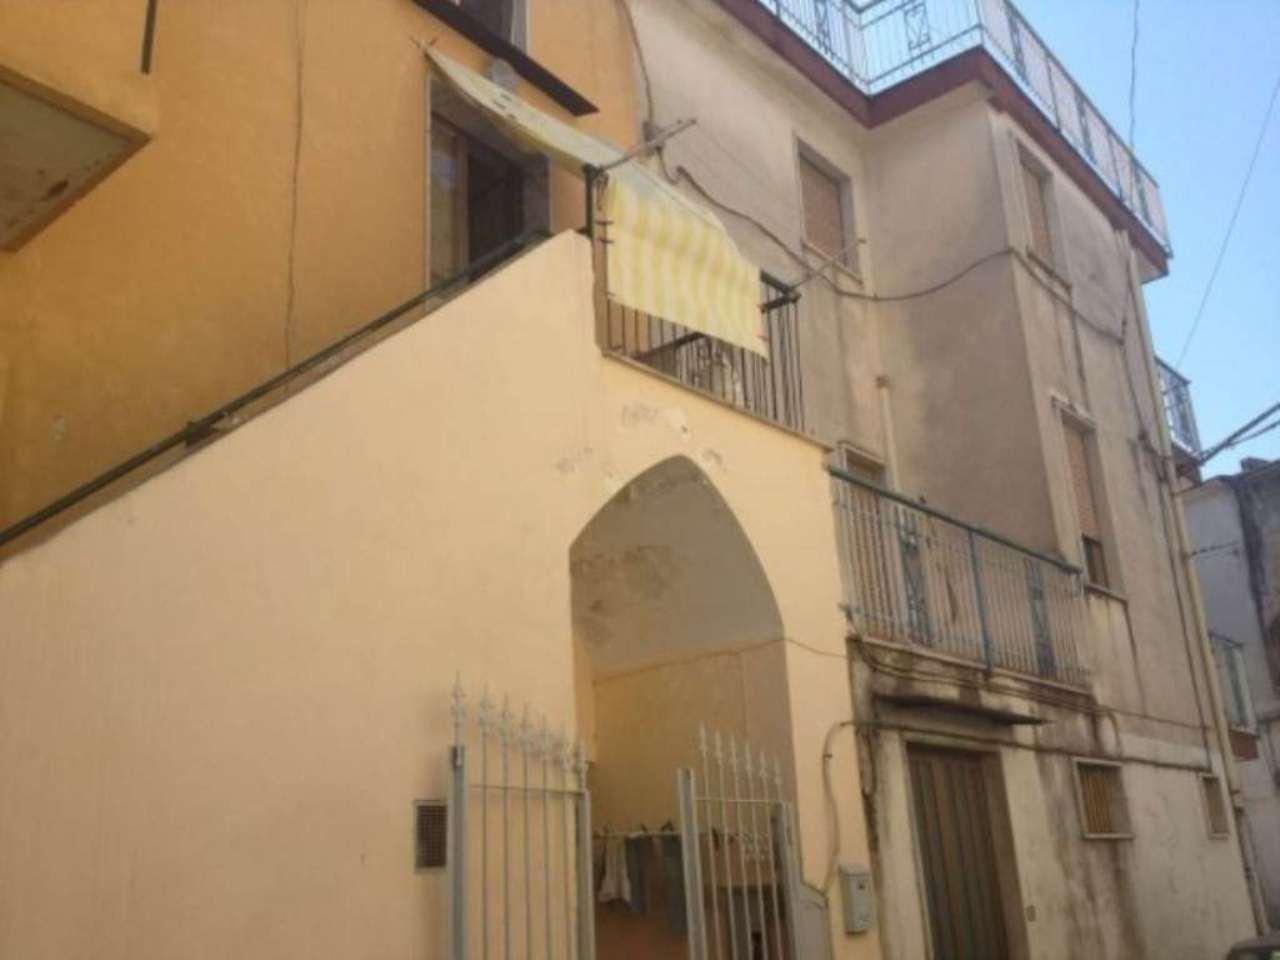 Appartamento in vendita a Cicciano, 2 locali, prezzo € 30.000 | Cambio Casa.it